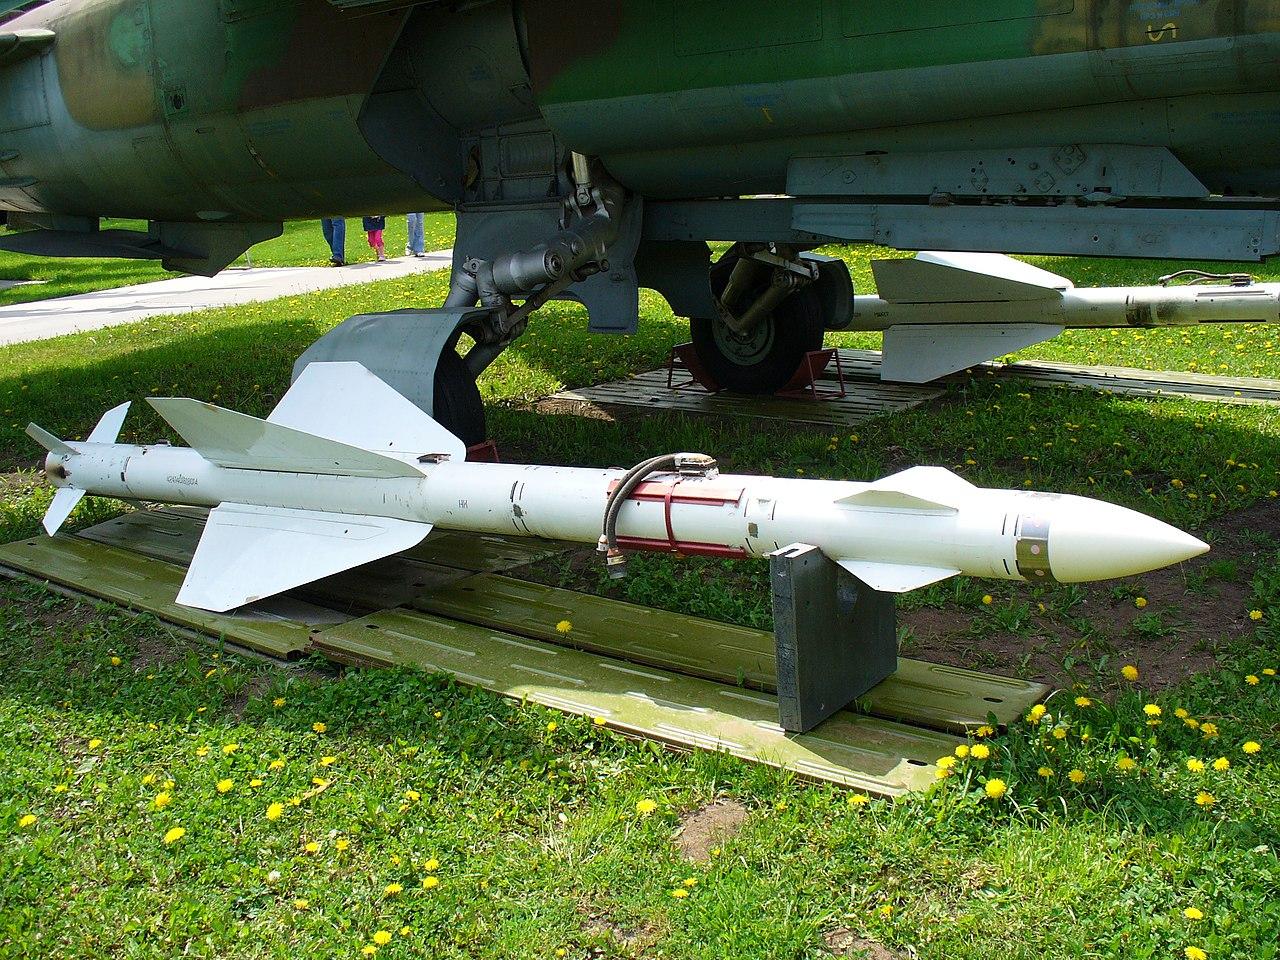 عمليه Mole Cricket 19 او معركة سهل البقاع في 9 يونيو 1982  1280px-MiG-23MLD_2007_G4